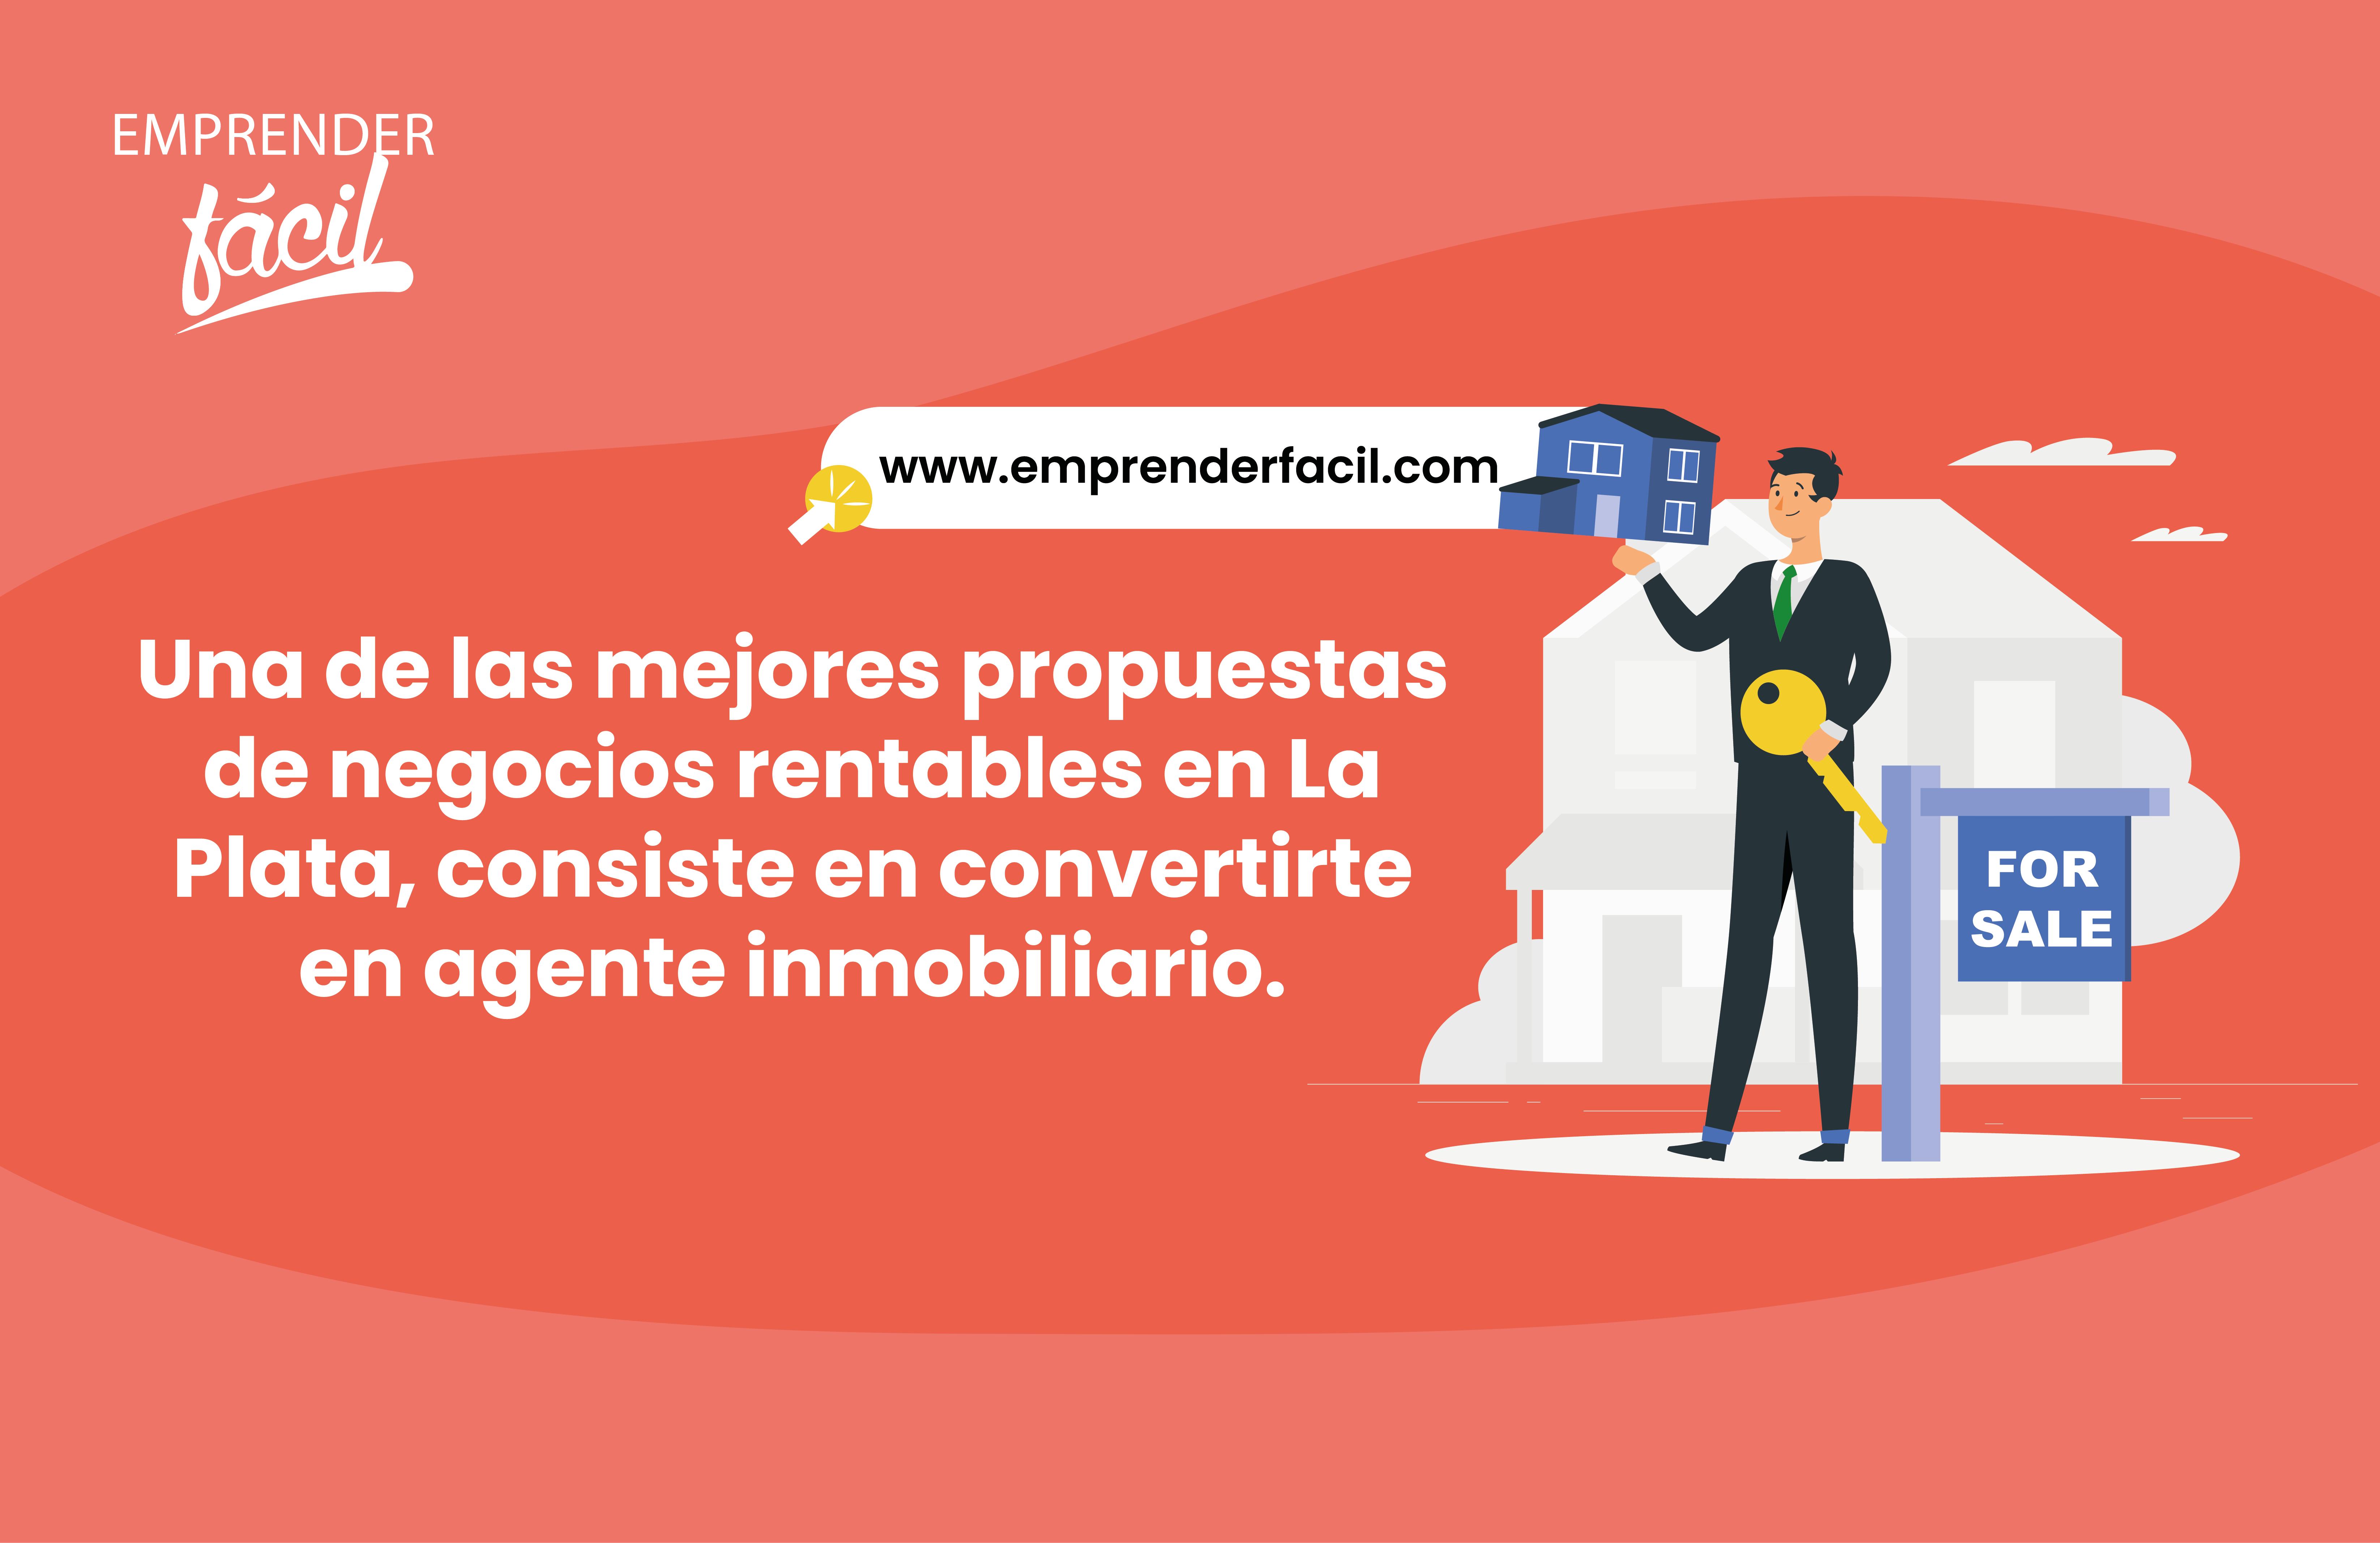 Una de las mejores propuestas de negocios rentables en La Plata, consiste en convertirte en agente inmobiliario.